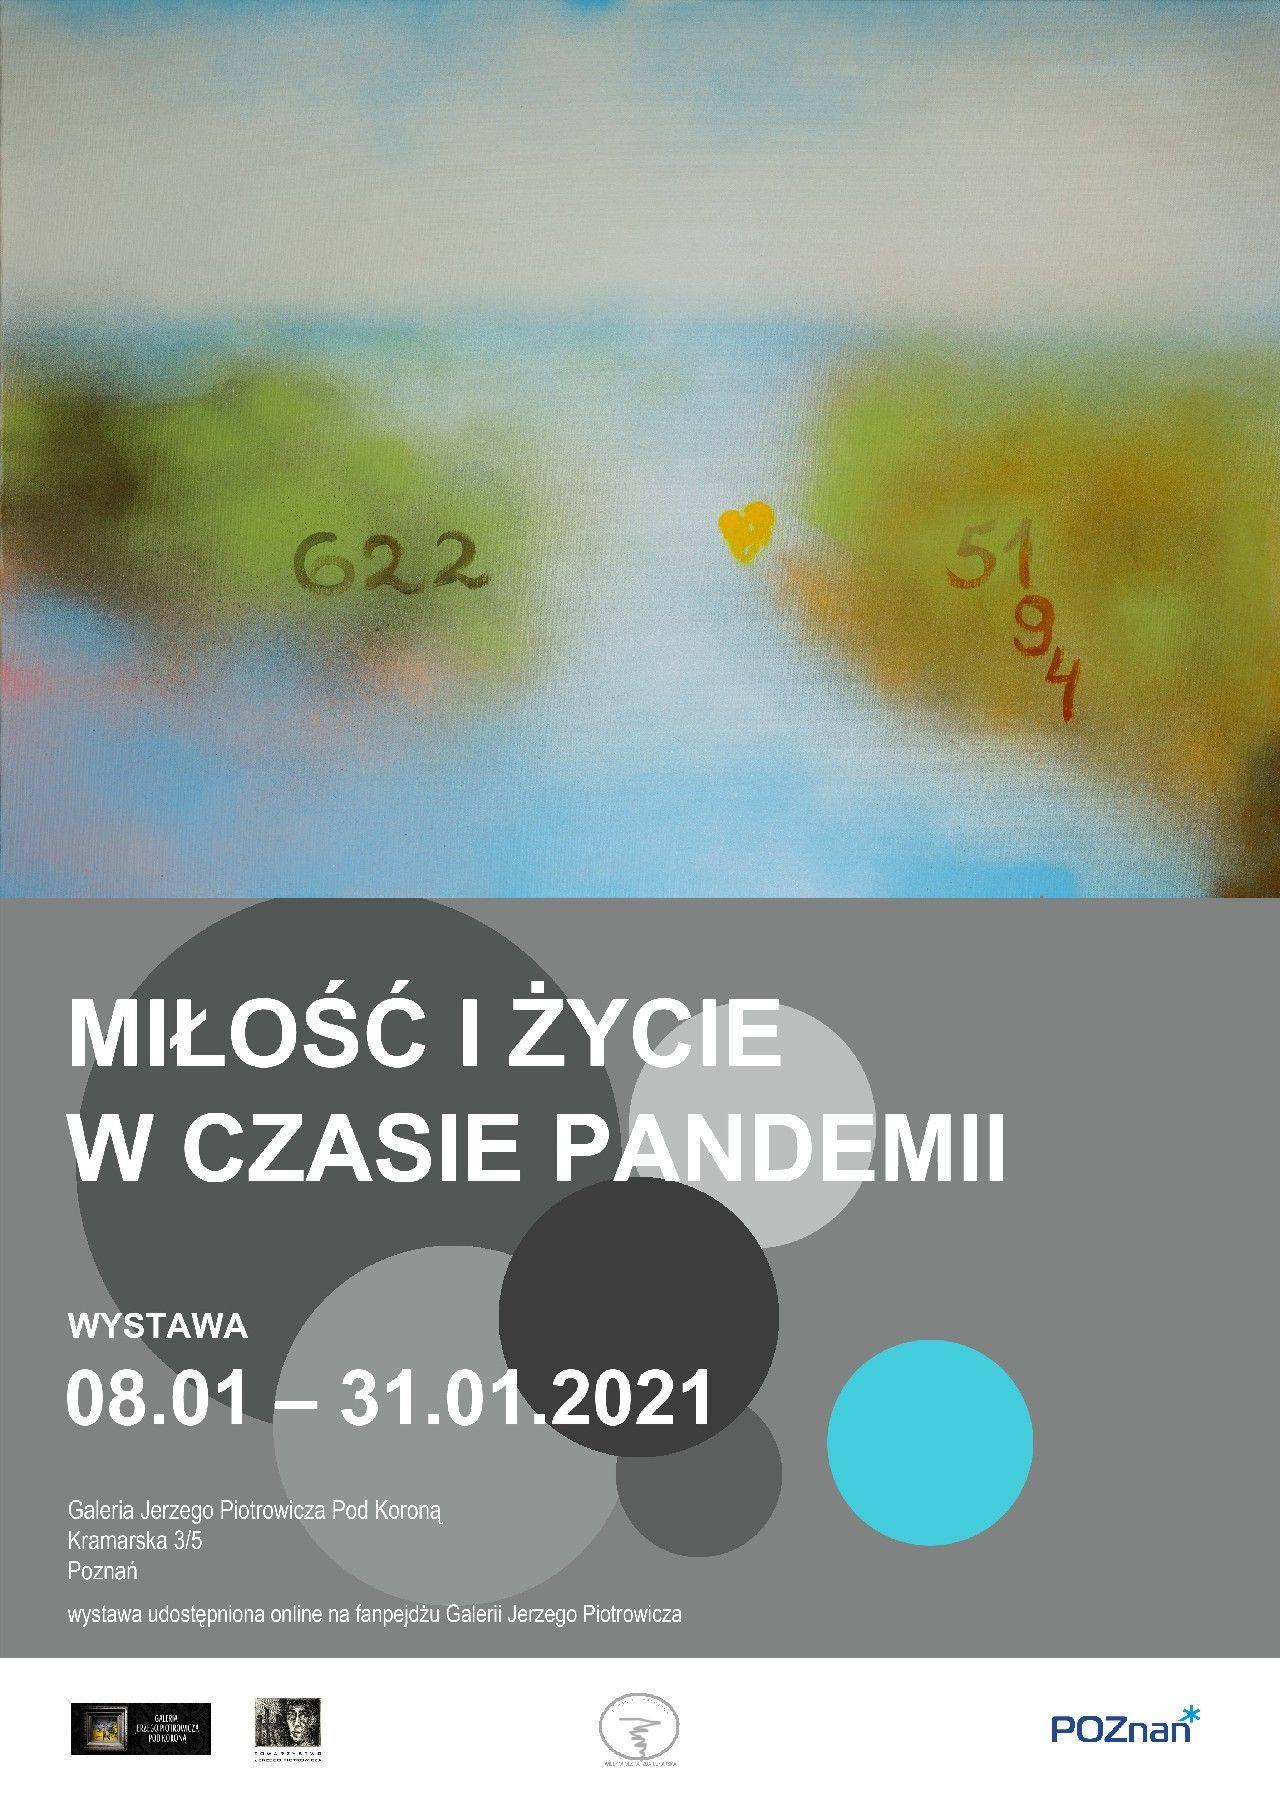 wystawa lekarzy Galeria Piotrowicza - FB: Galeria Jerzego Piotrowicza pod Koroną